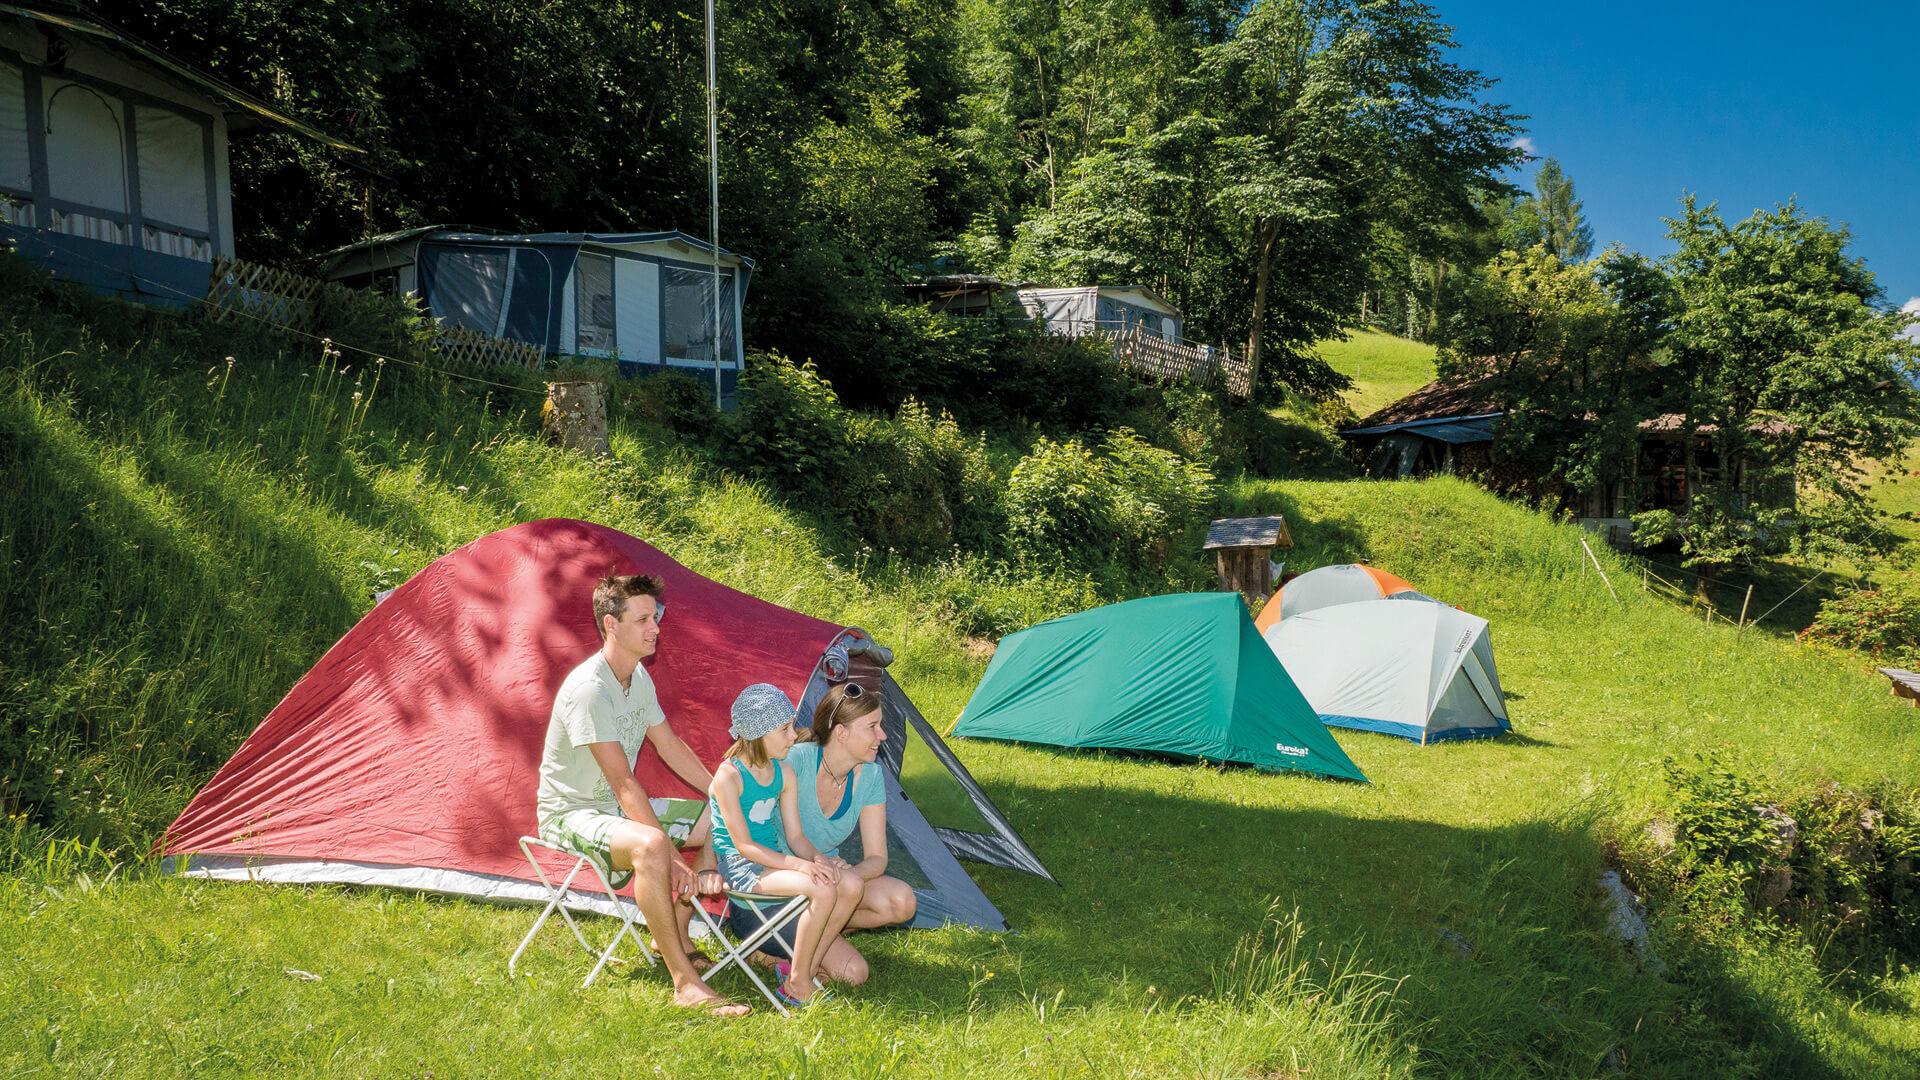 iseltwald-strandbad-sommer-zeltplatz-camping-familie